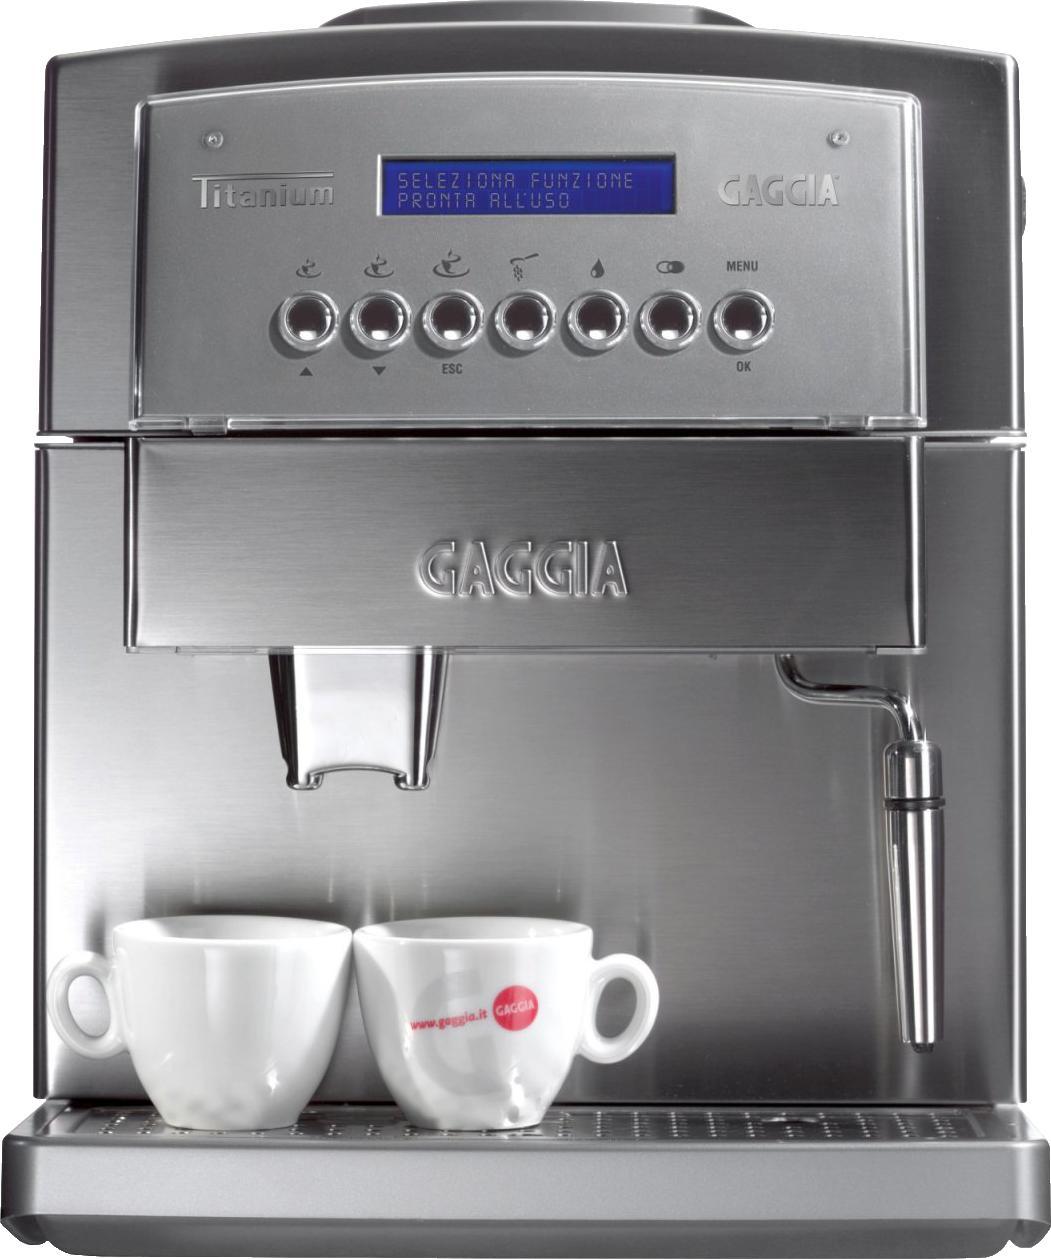 gaggia brera vs gaggia titanium compare super automatic coffee machines. Black Bedroom Furniture Sets. Home Design Ideas